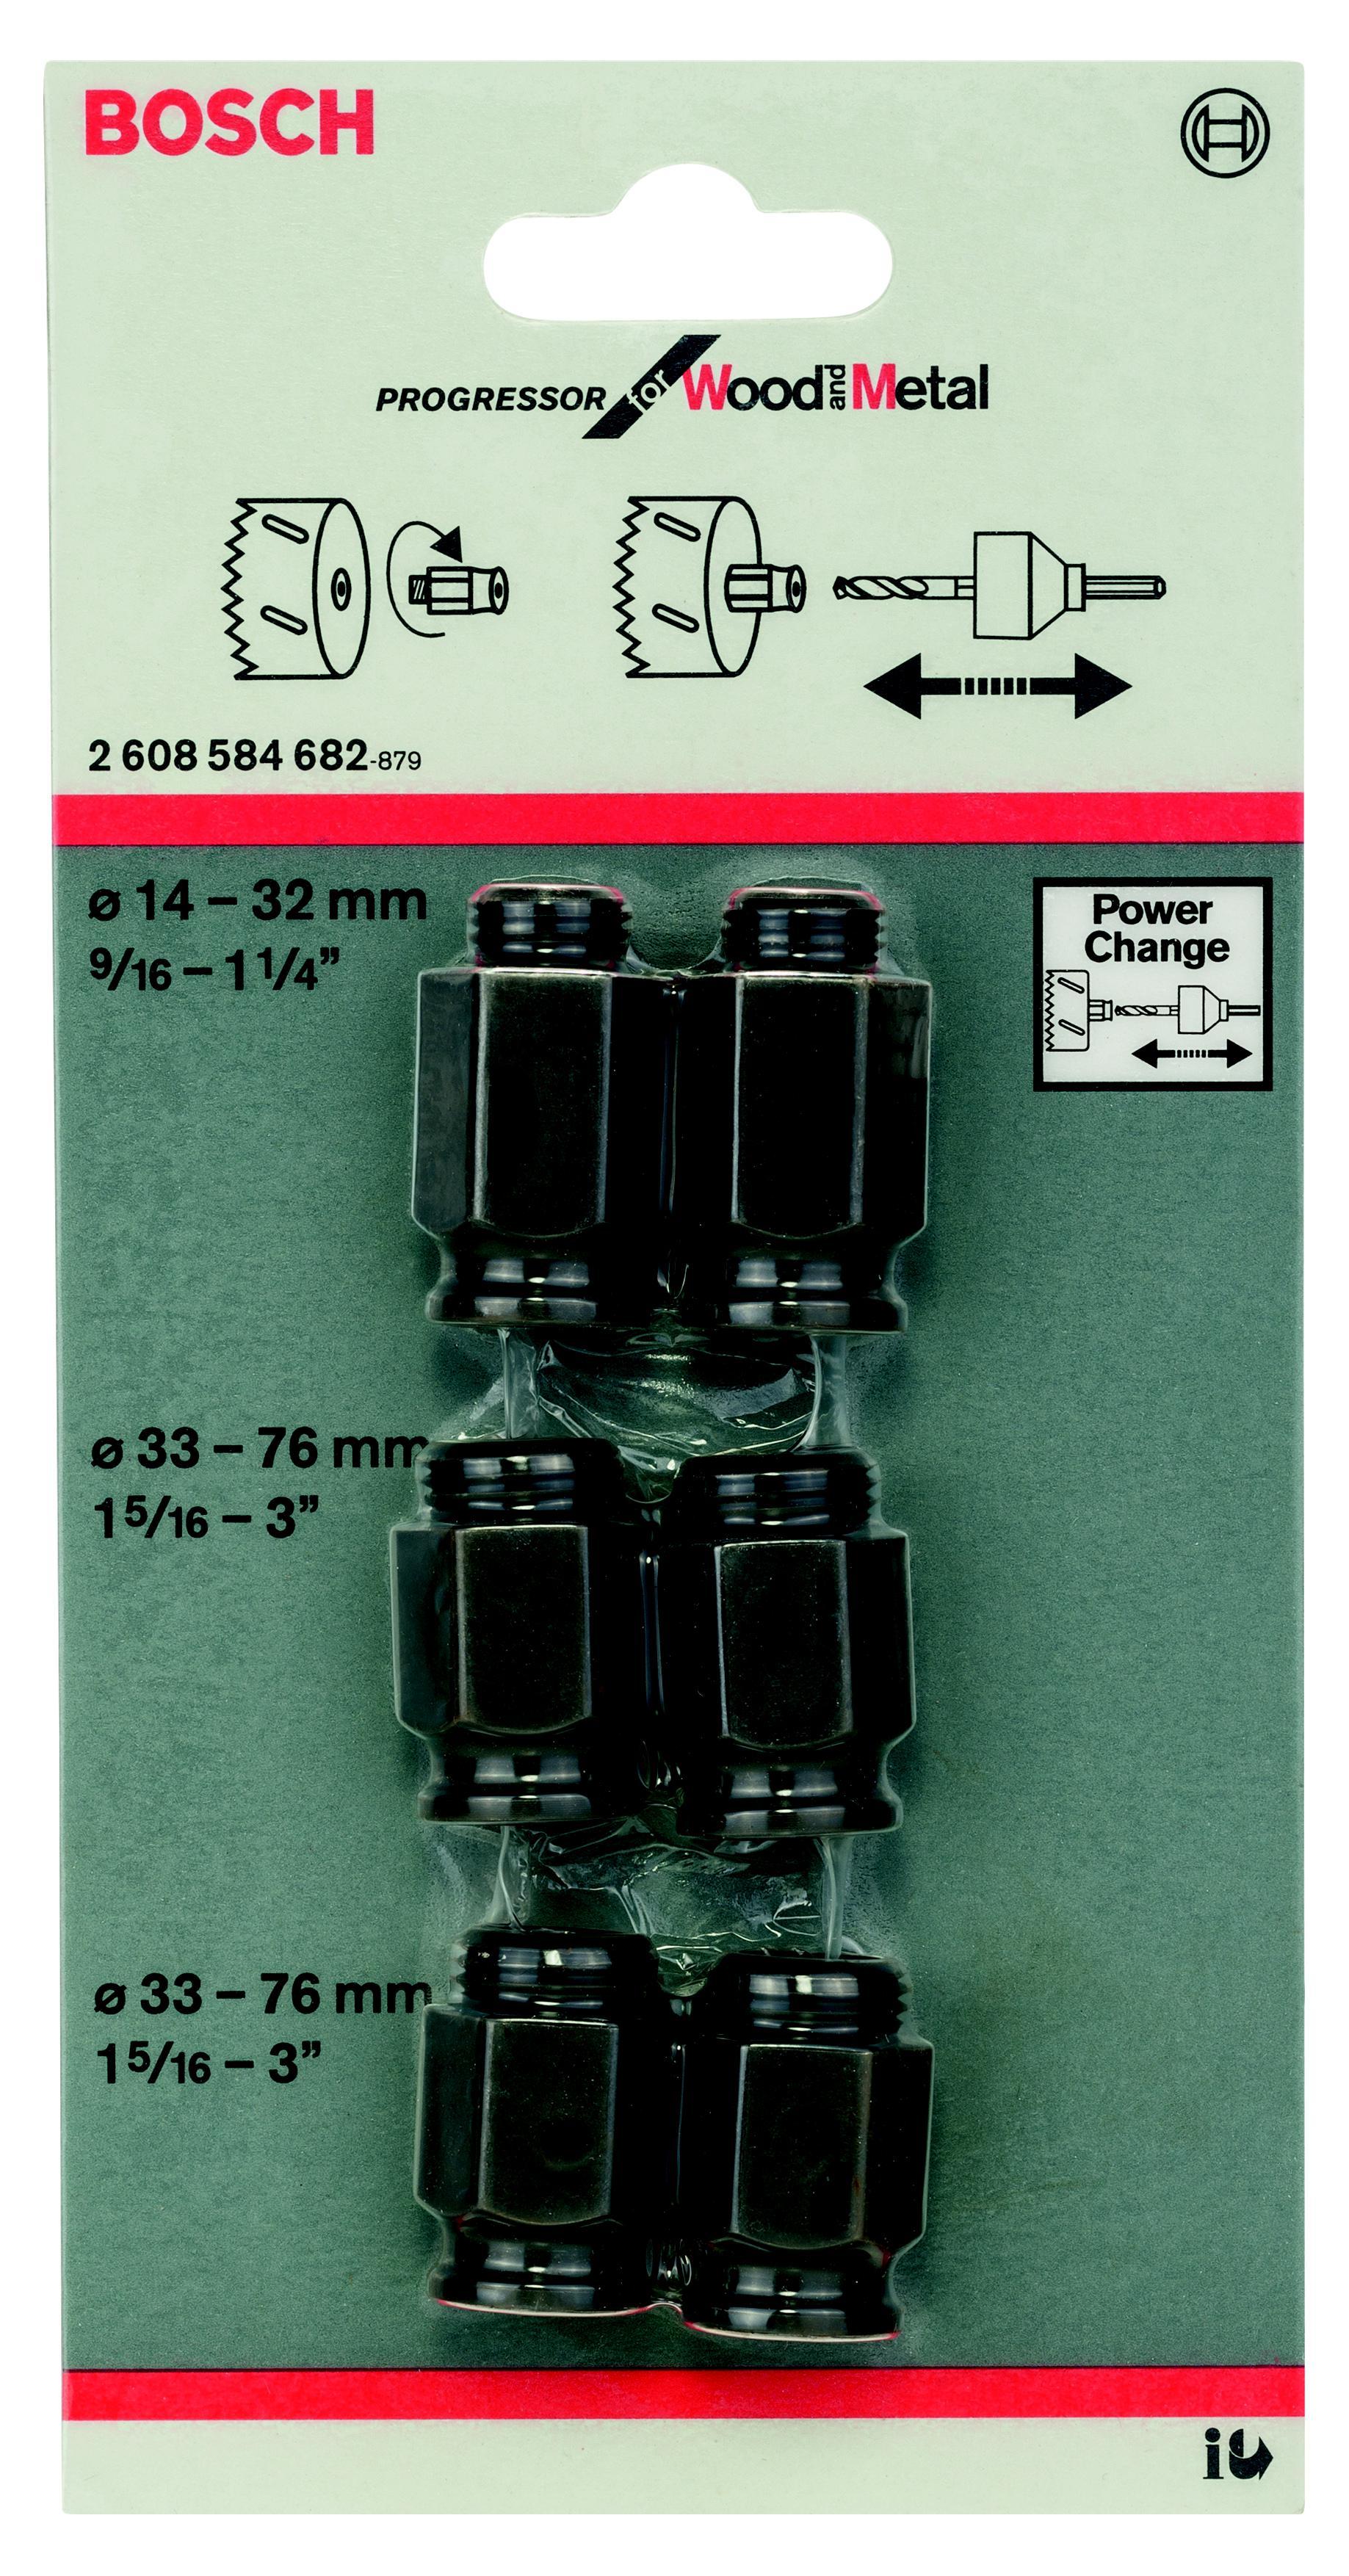 Переходник Bosch 2608584682 переходник мягкий с отверстиями bosch 2608601126